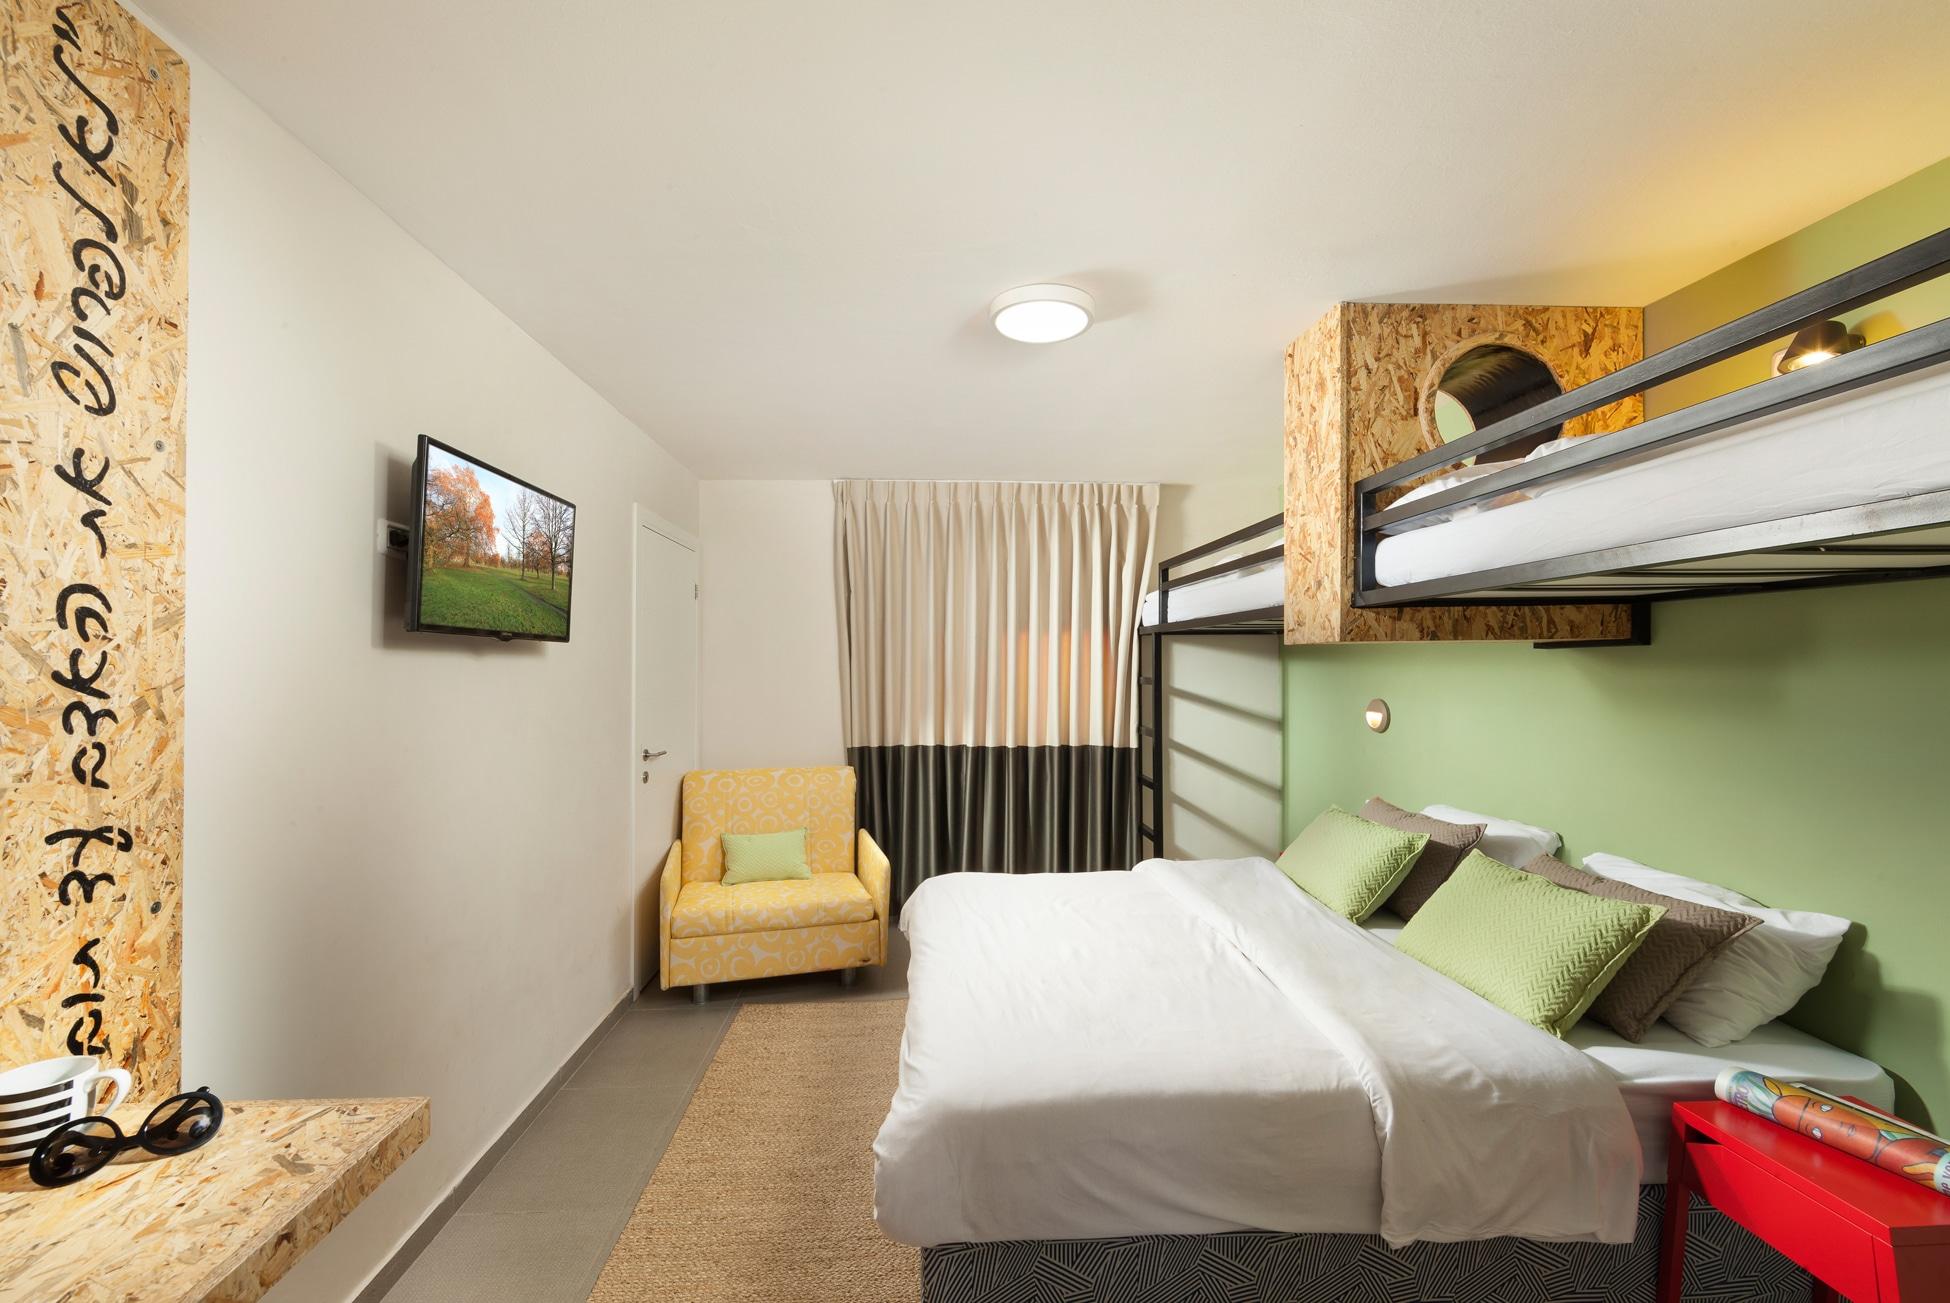 חדר בזלת עם מיטת גלריה